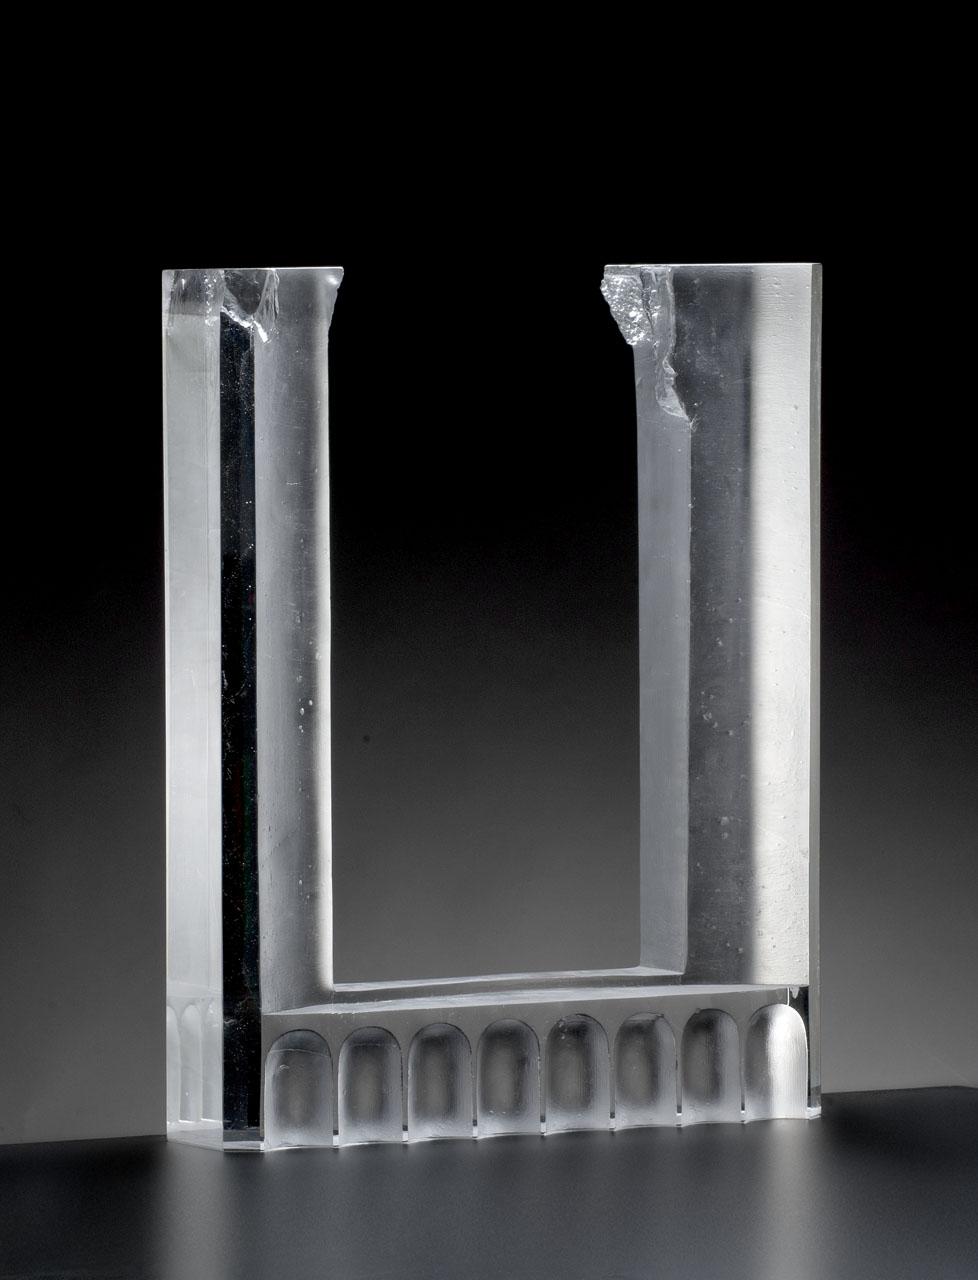 Okno-73x58x13cm-melted-glass-Bohumil-Elias-jr